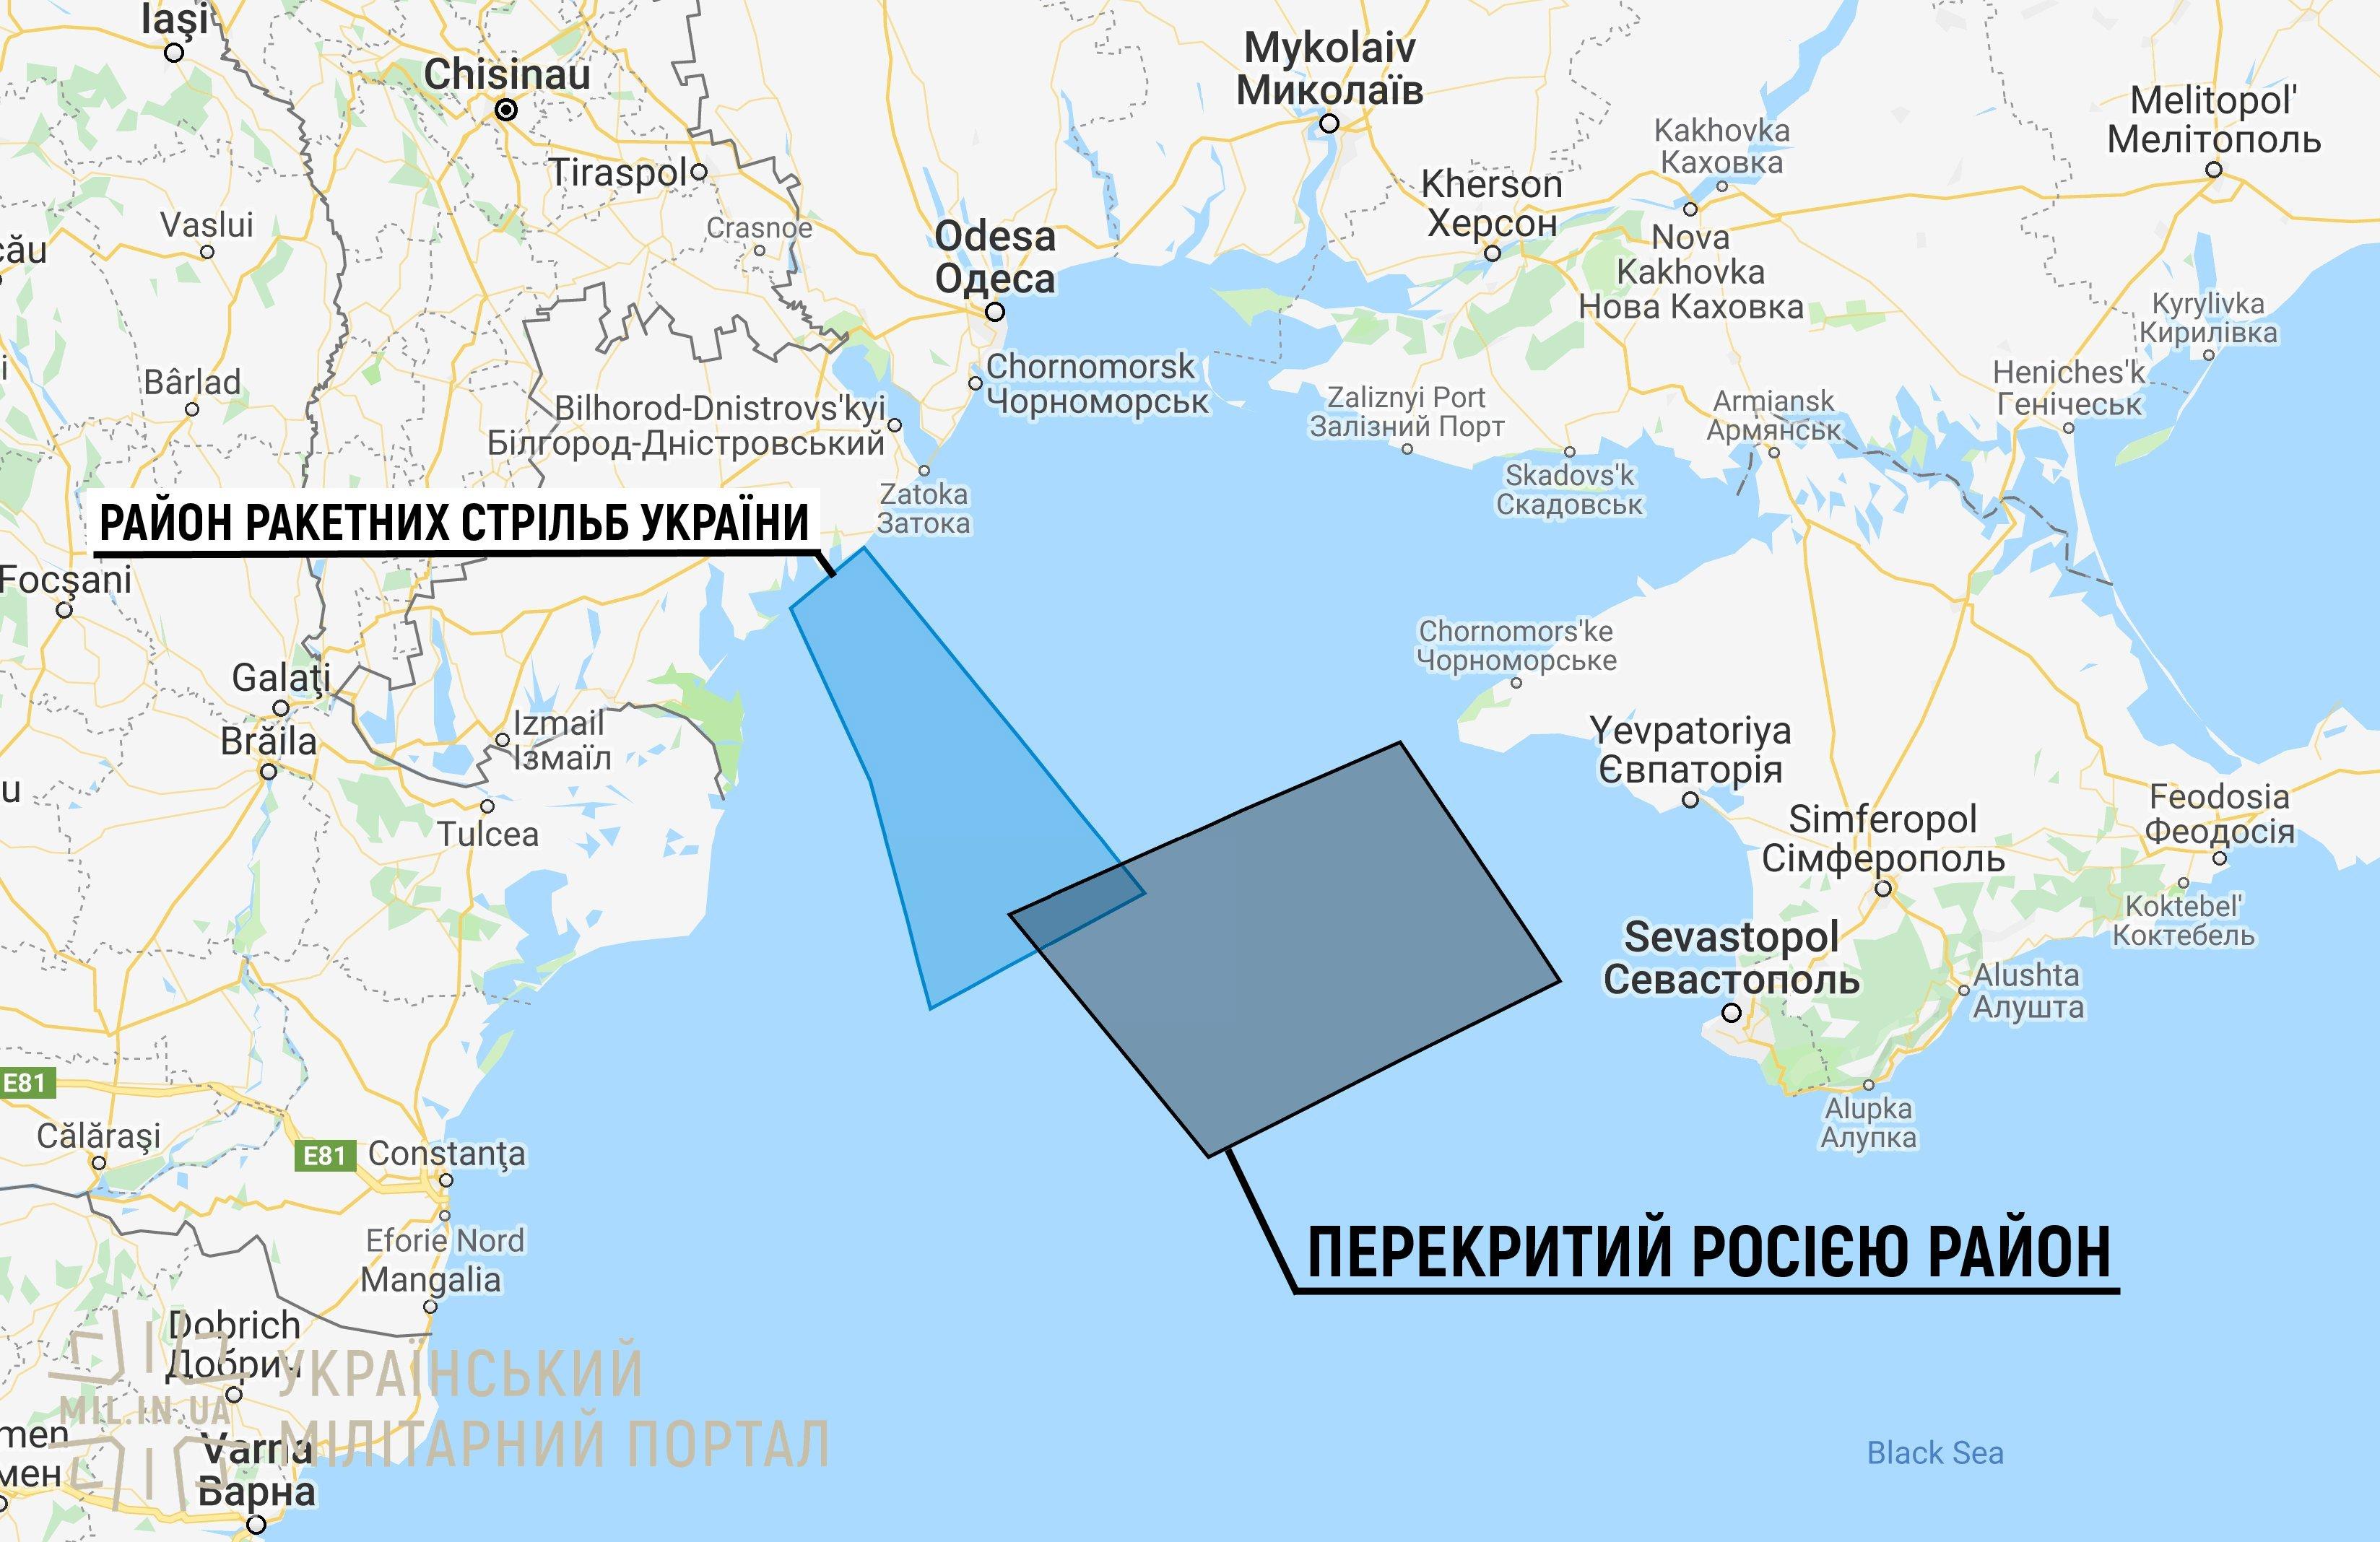 РФ готує цинічну провокацію для українського флоту у Чорному морі: усі деталі